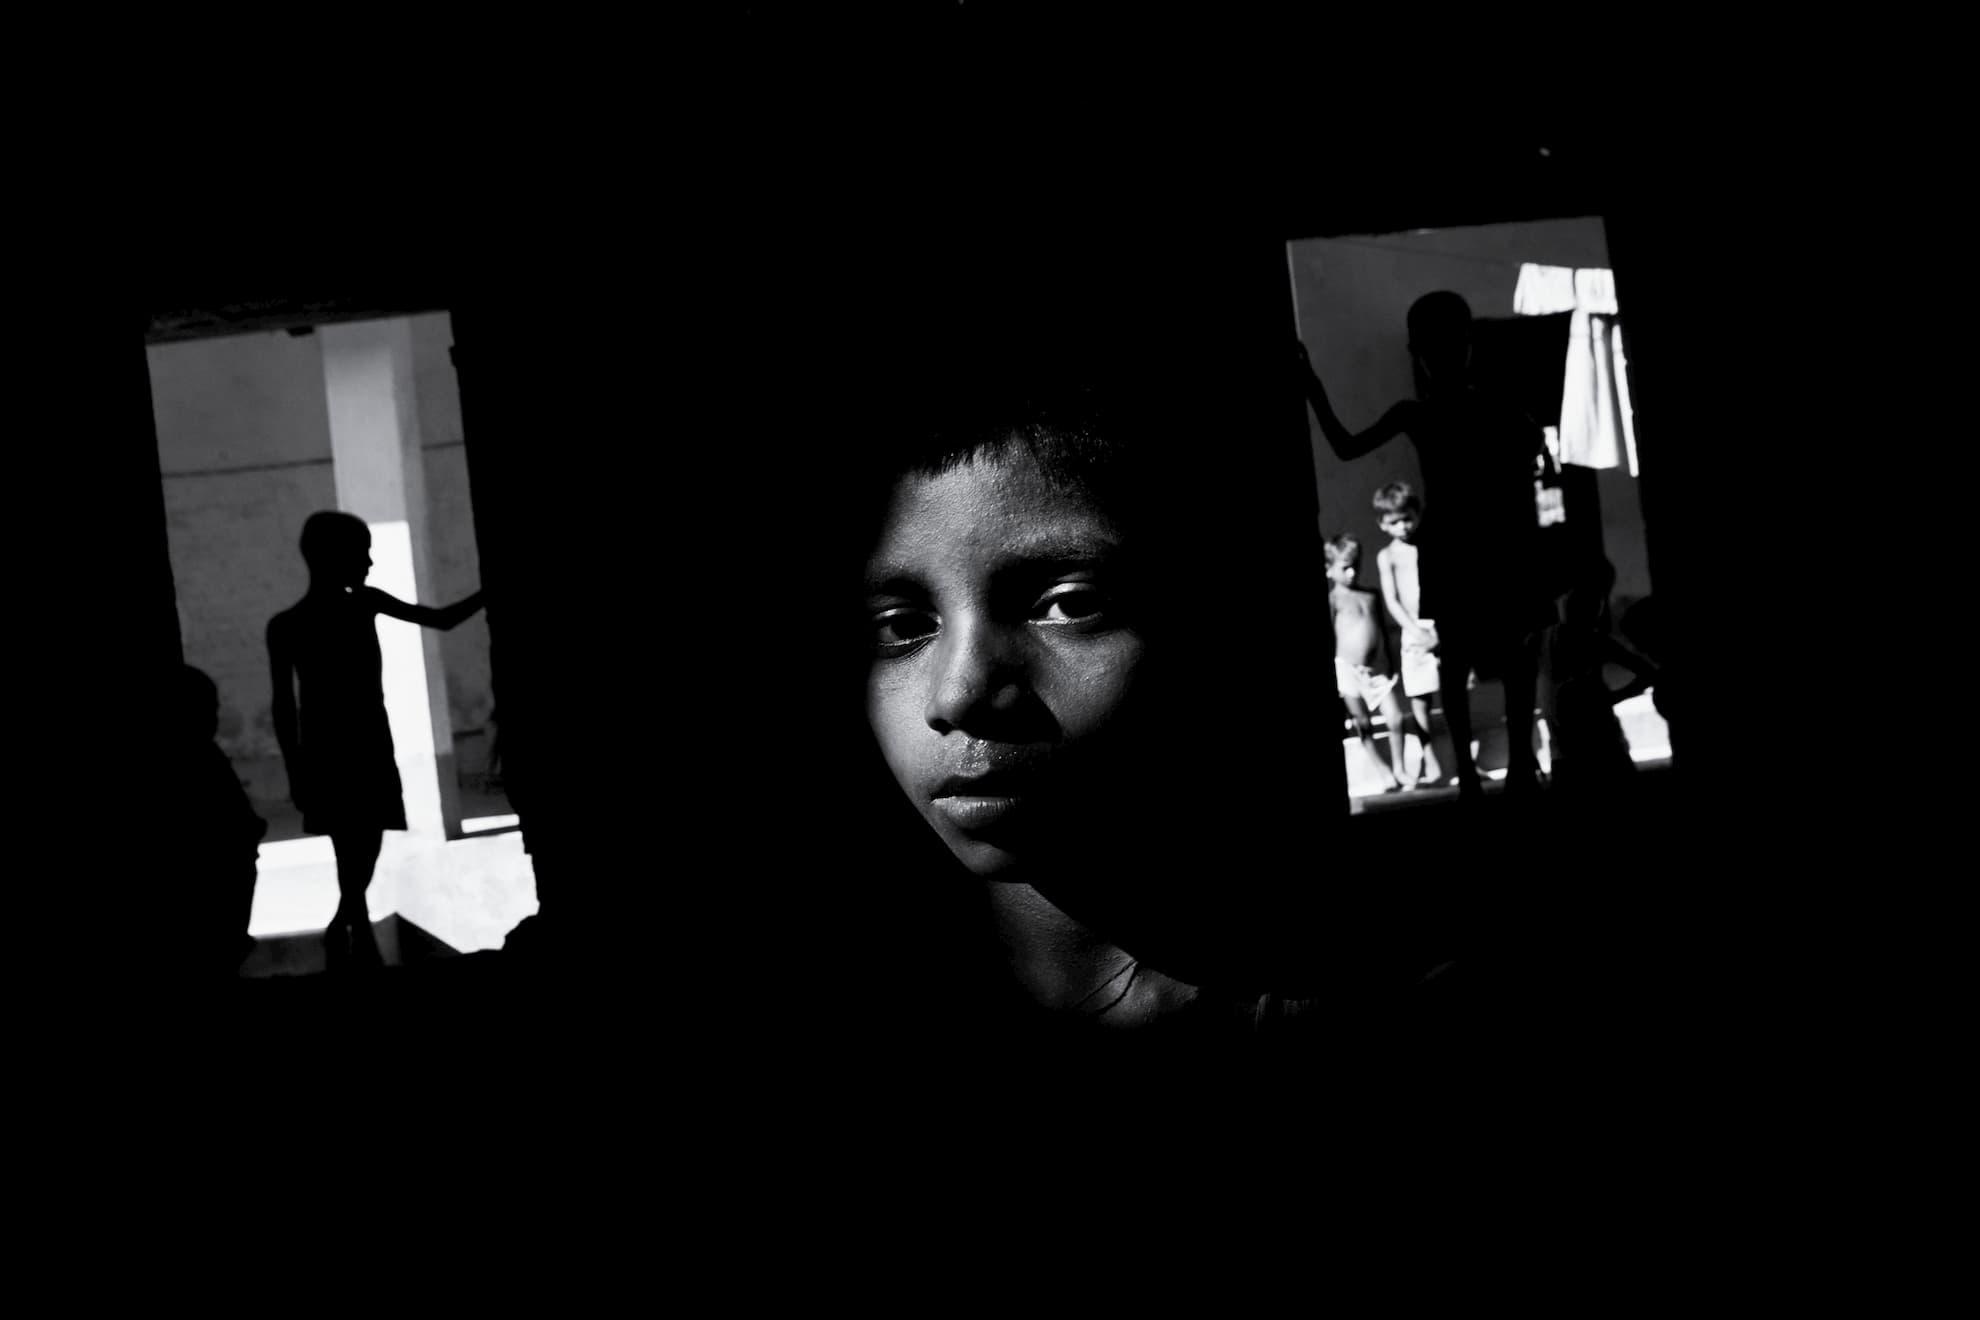 10 de septiembre de 2008; niños afectados por las inundaciones en un campo de socorro temporal gestionado por la ONG Project Concern International en el Estado de Bihar, en el nordeste de la India.